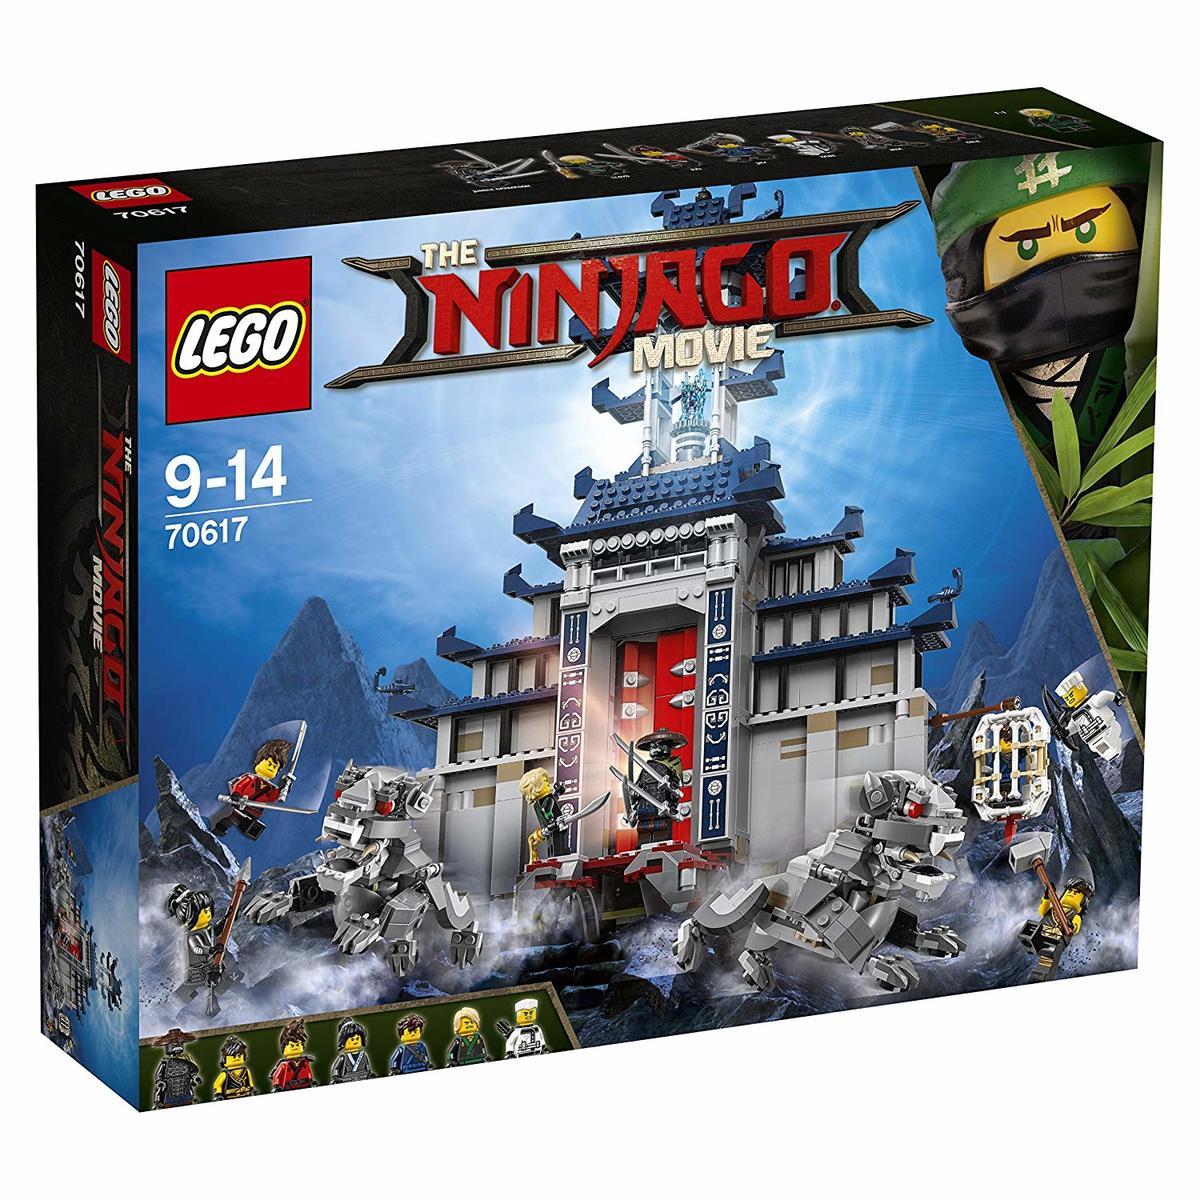 【送料無料】レゴ(LEGO)ニンジャゴー 究極の最終兵器神殿 70617